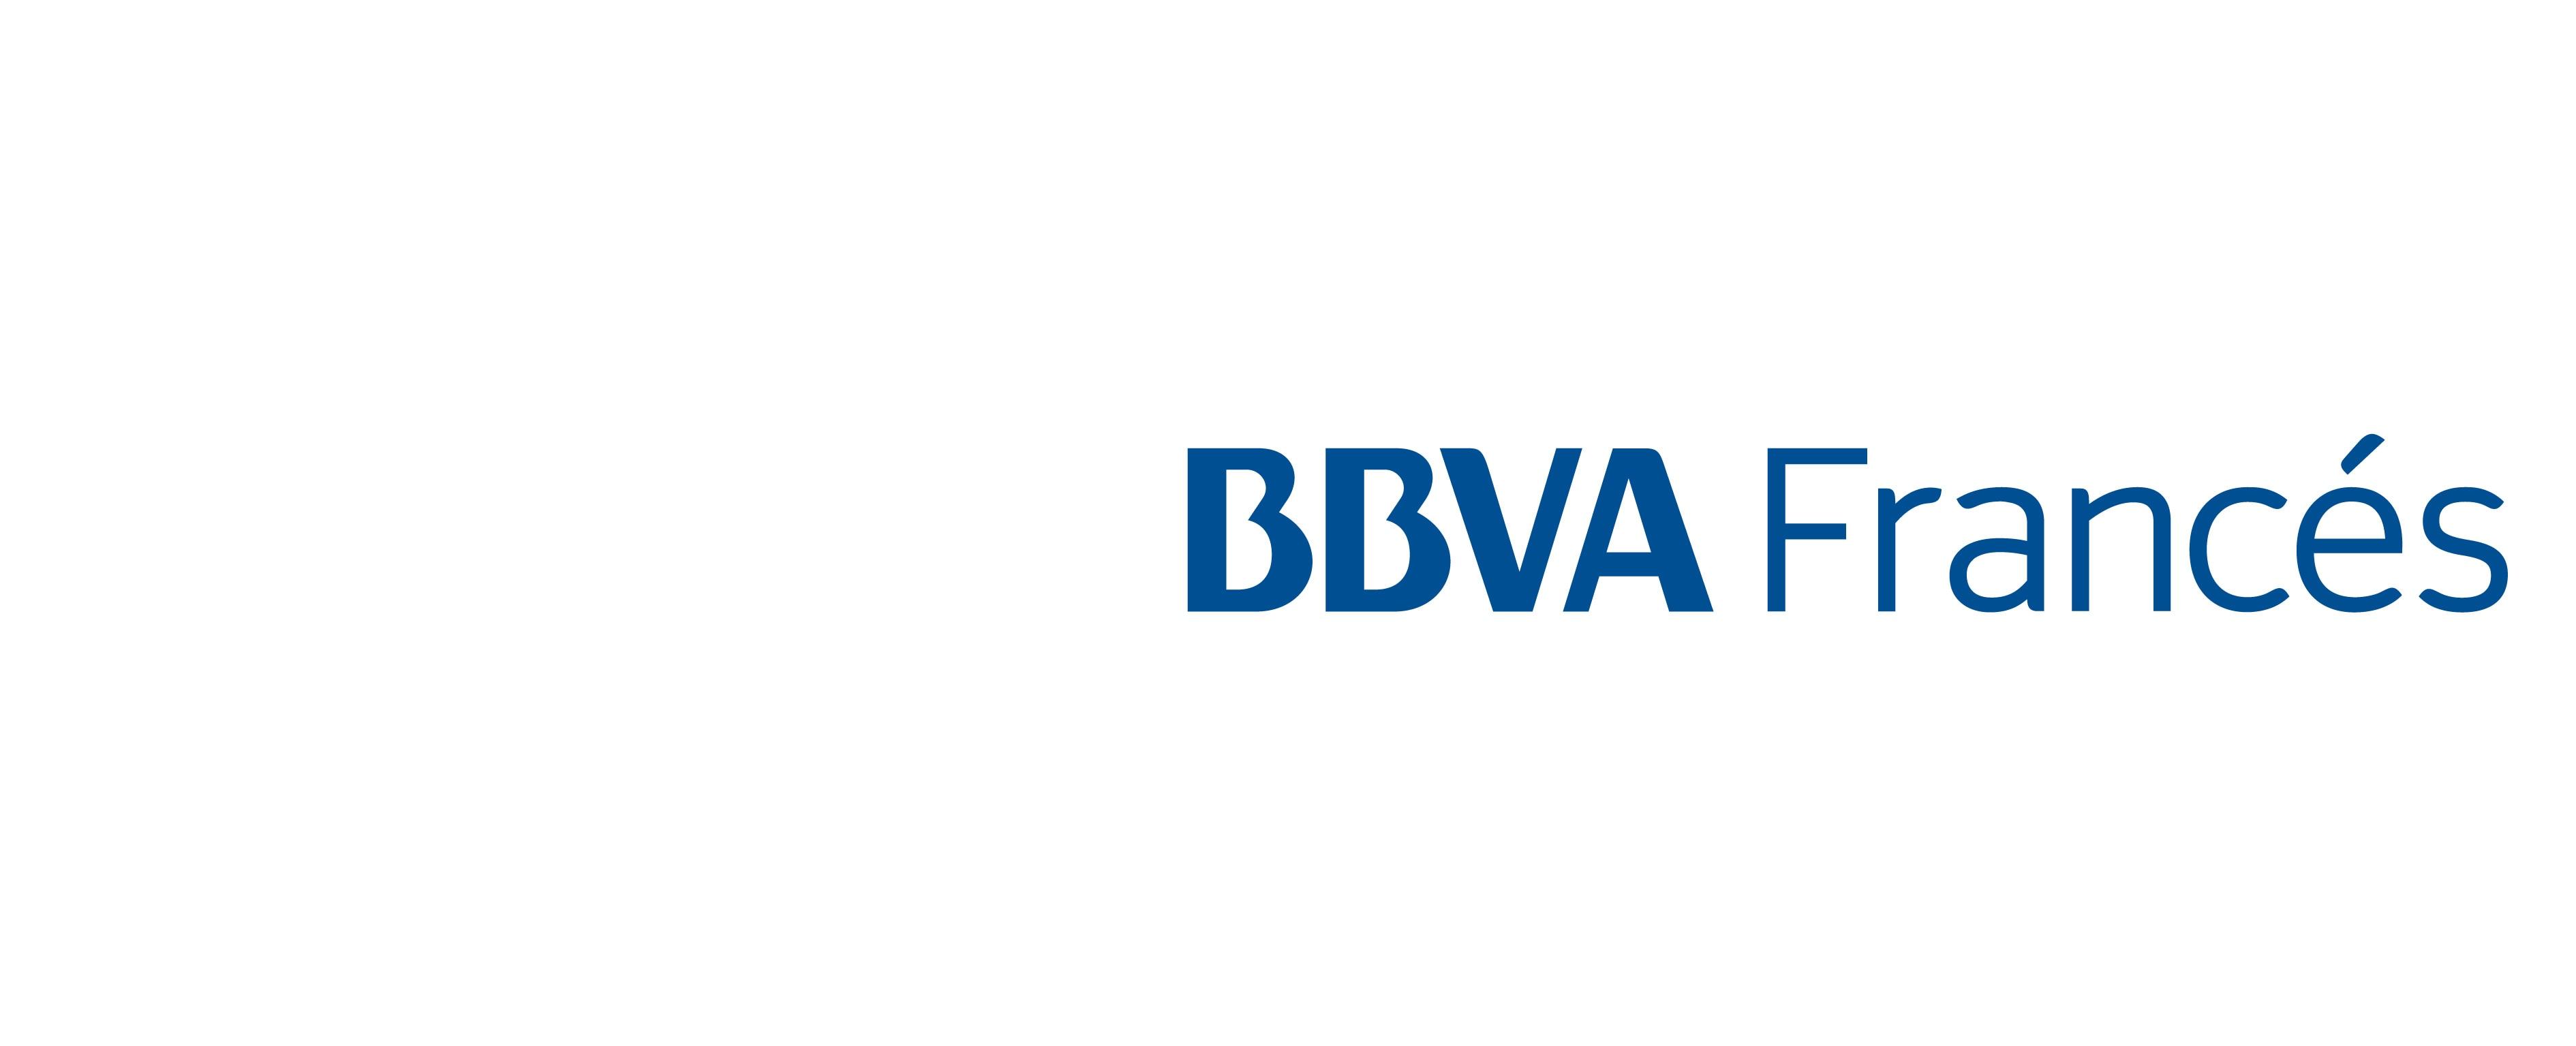 Bbva bbva franc s completa una ampliaci n de capital de for Banco bilbao vizcaya oficinas